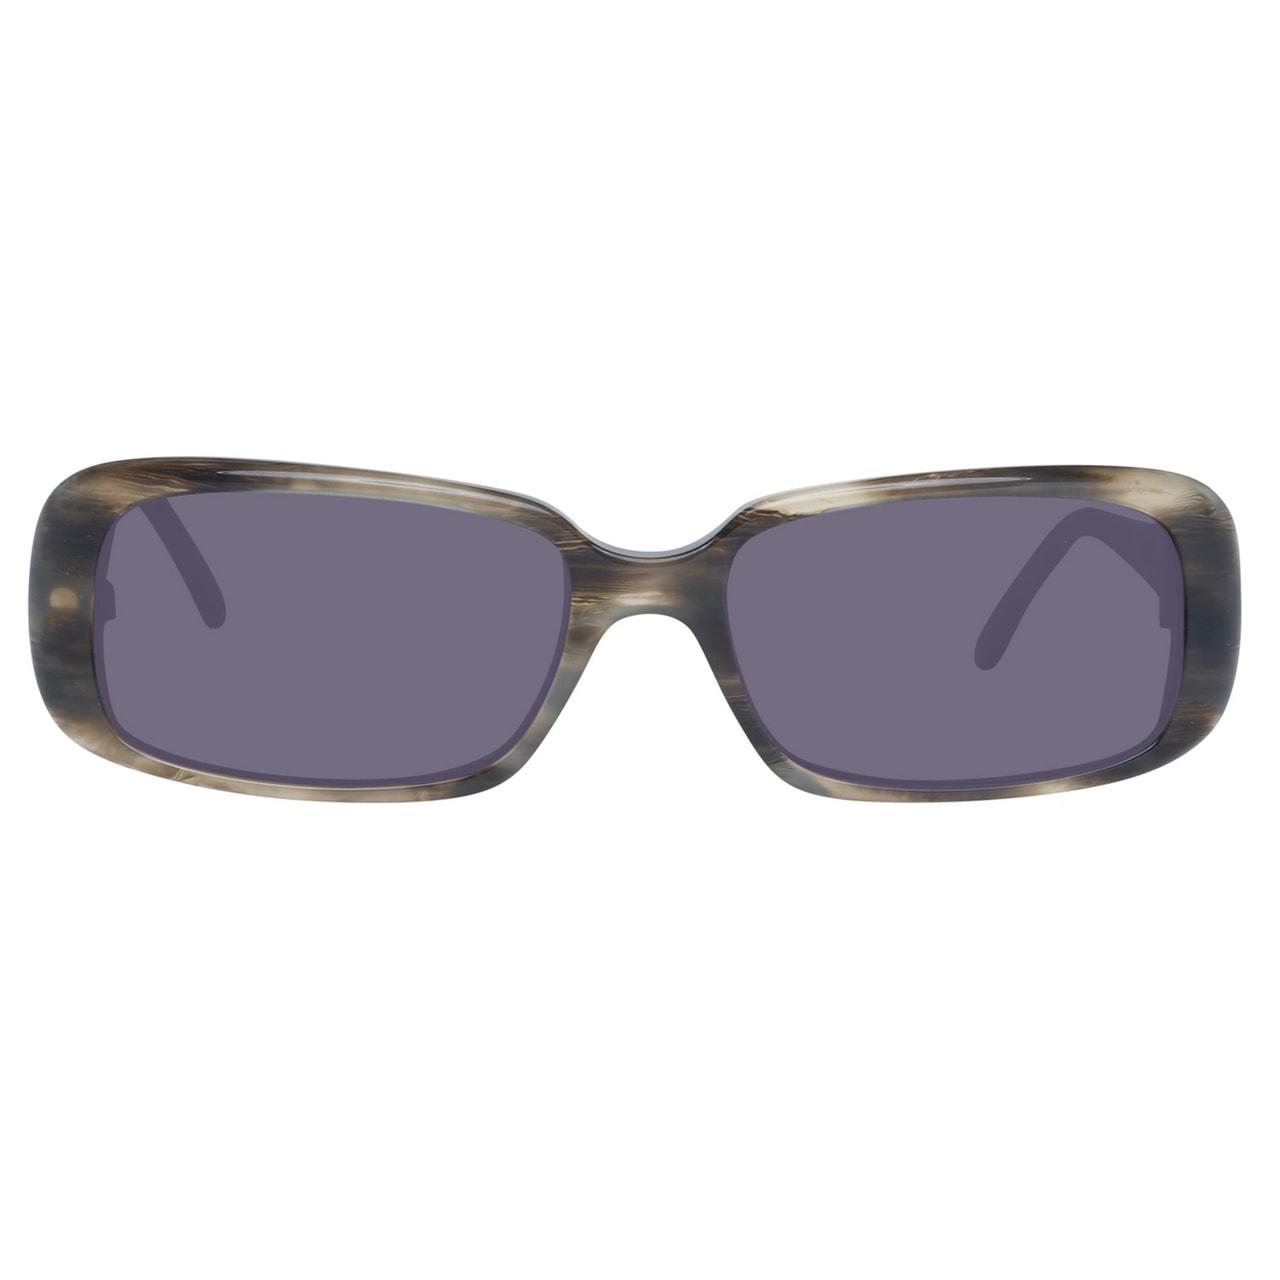 Glamadise.hu Fashion paradise - Női napszemüveg DKNY - Sokszínű ... 63d9dc1963